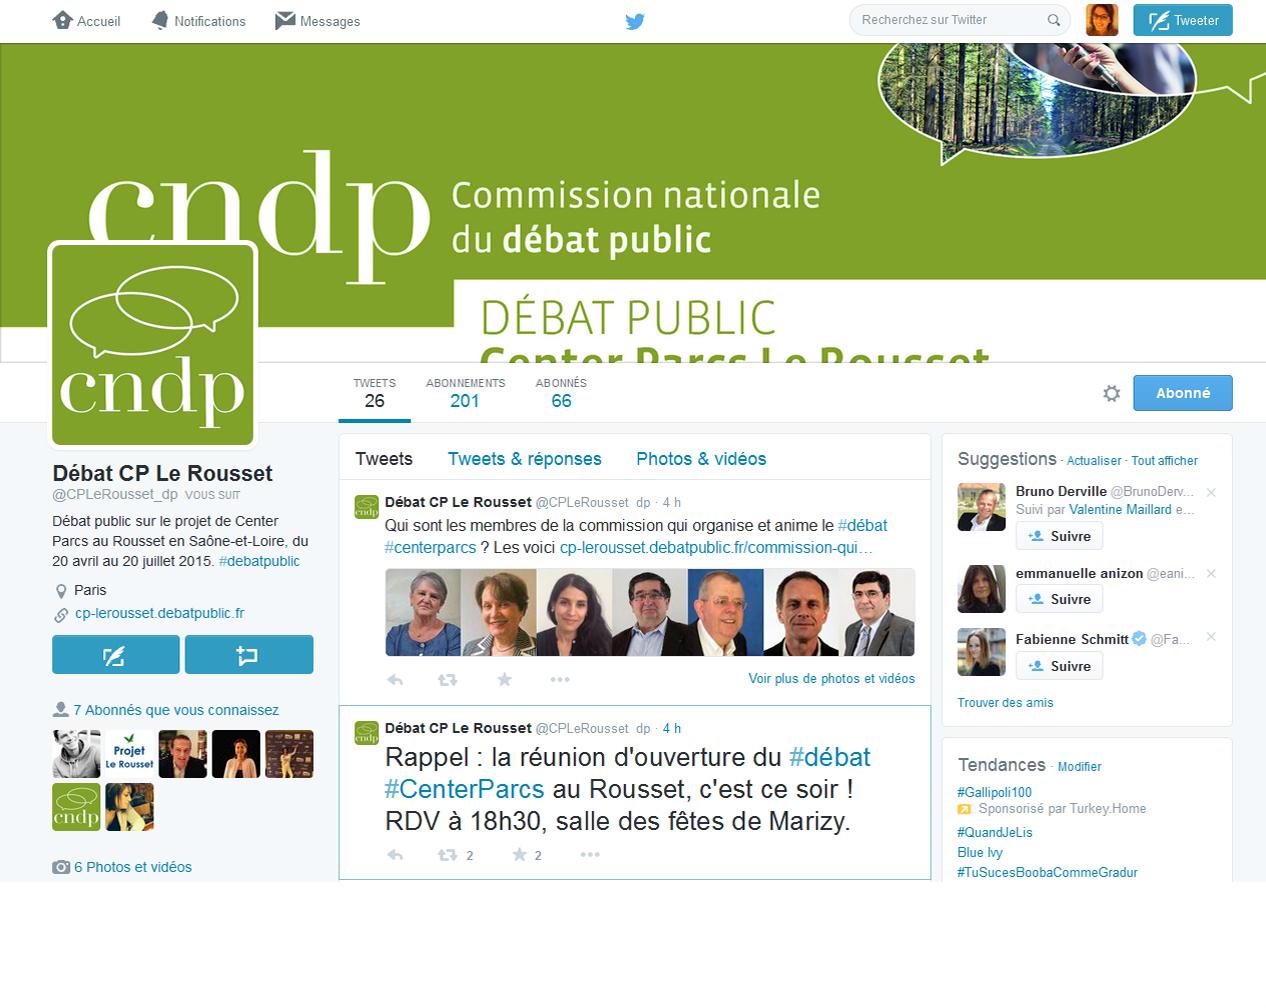 Suivre le compte twitter de la CNDP pour le projet du Rousset